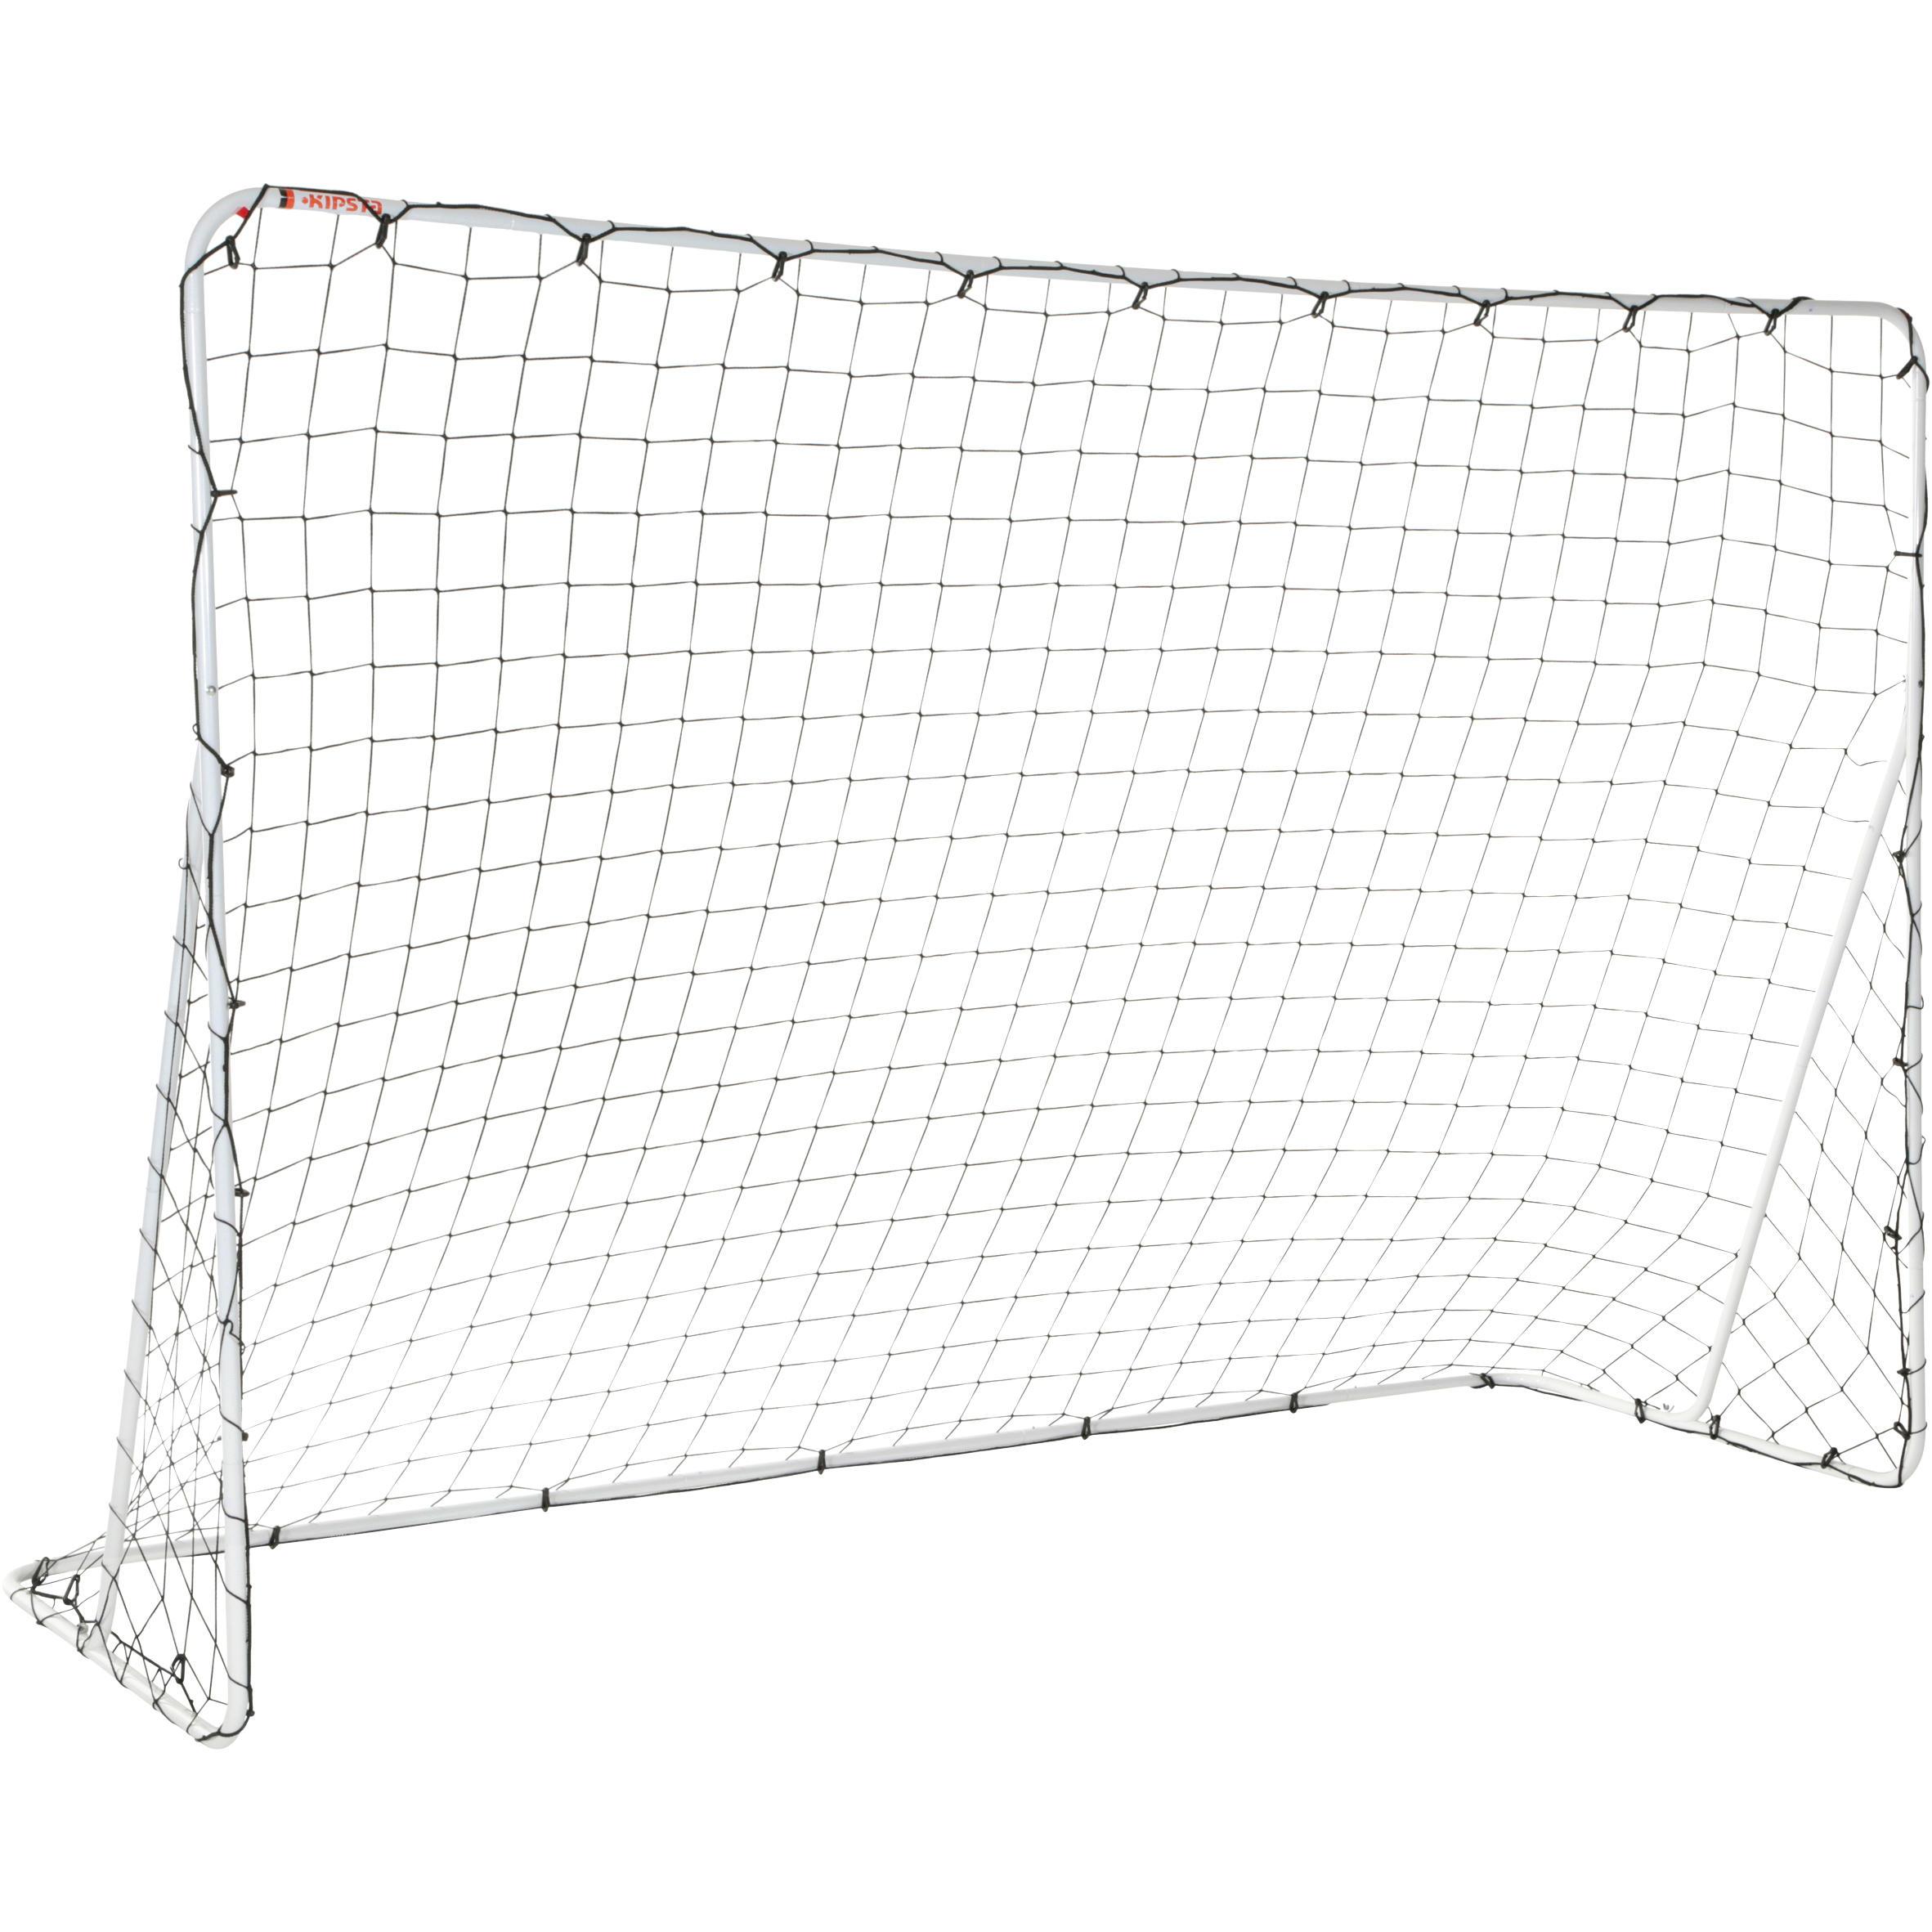 Kipsta Voetbaldoeltje Basic Goal maat L wit